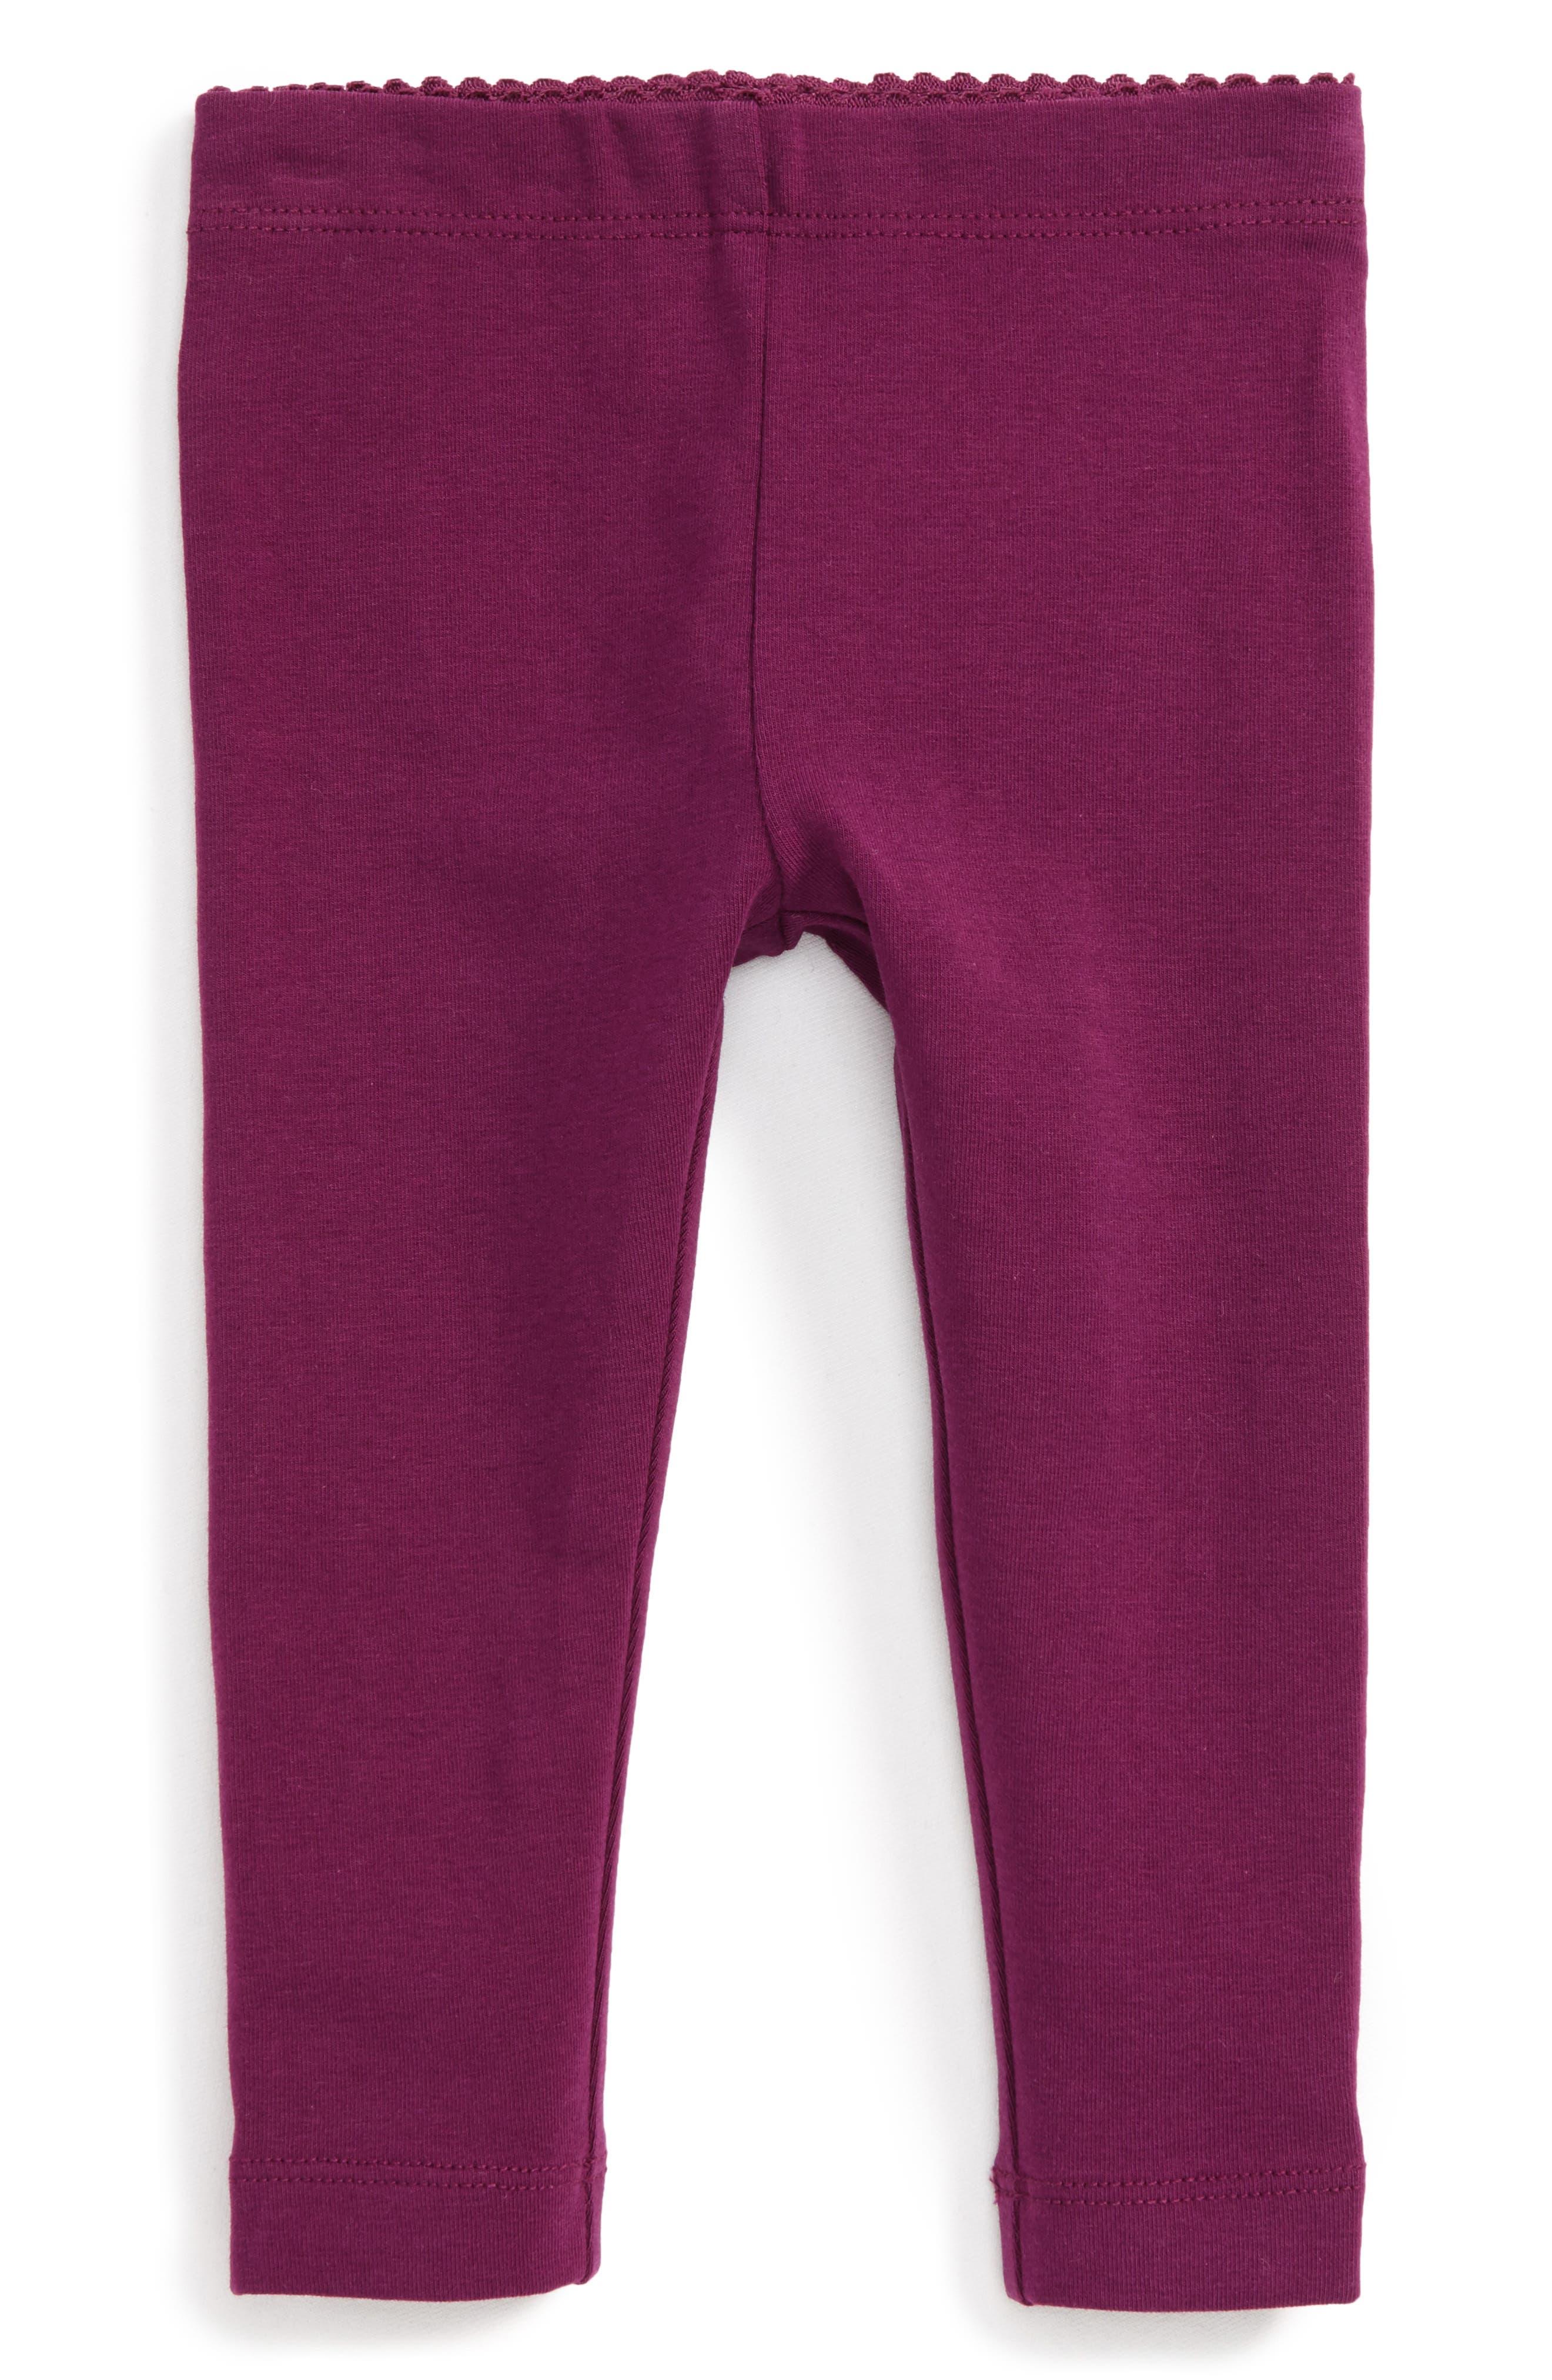 Leggings,                         Main,                         color, Cosmic Berry